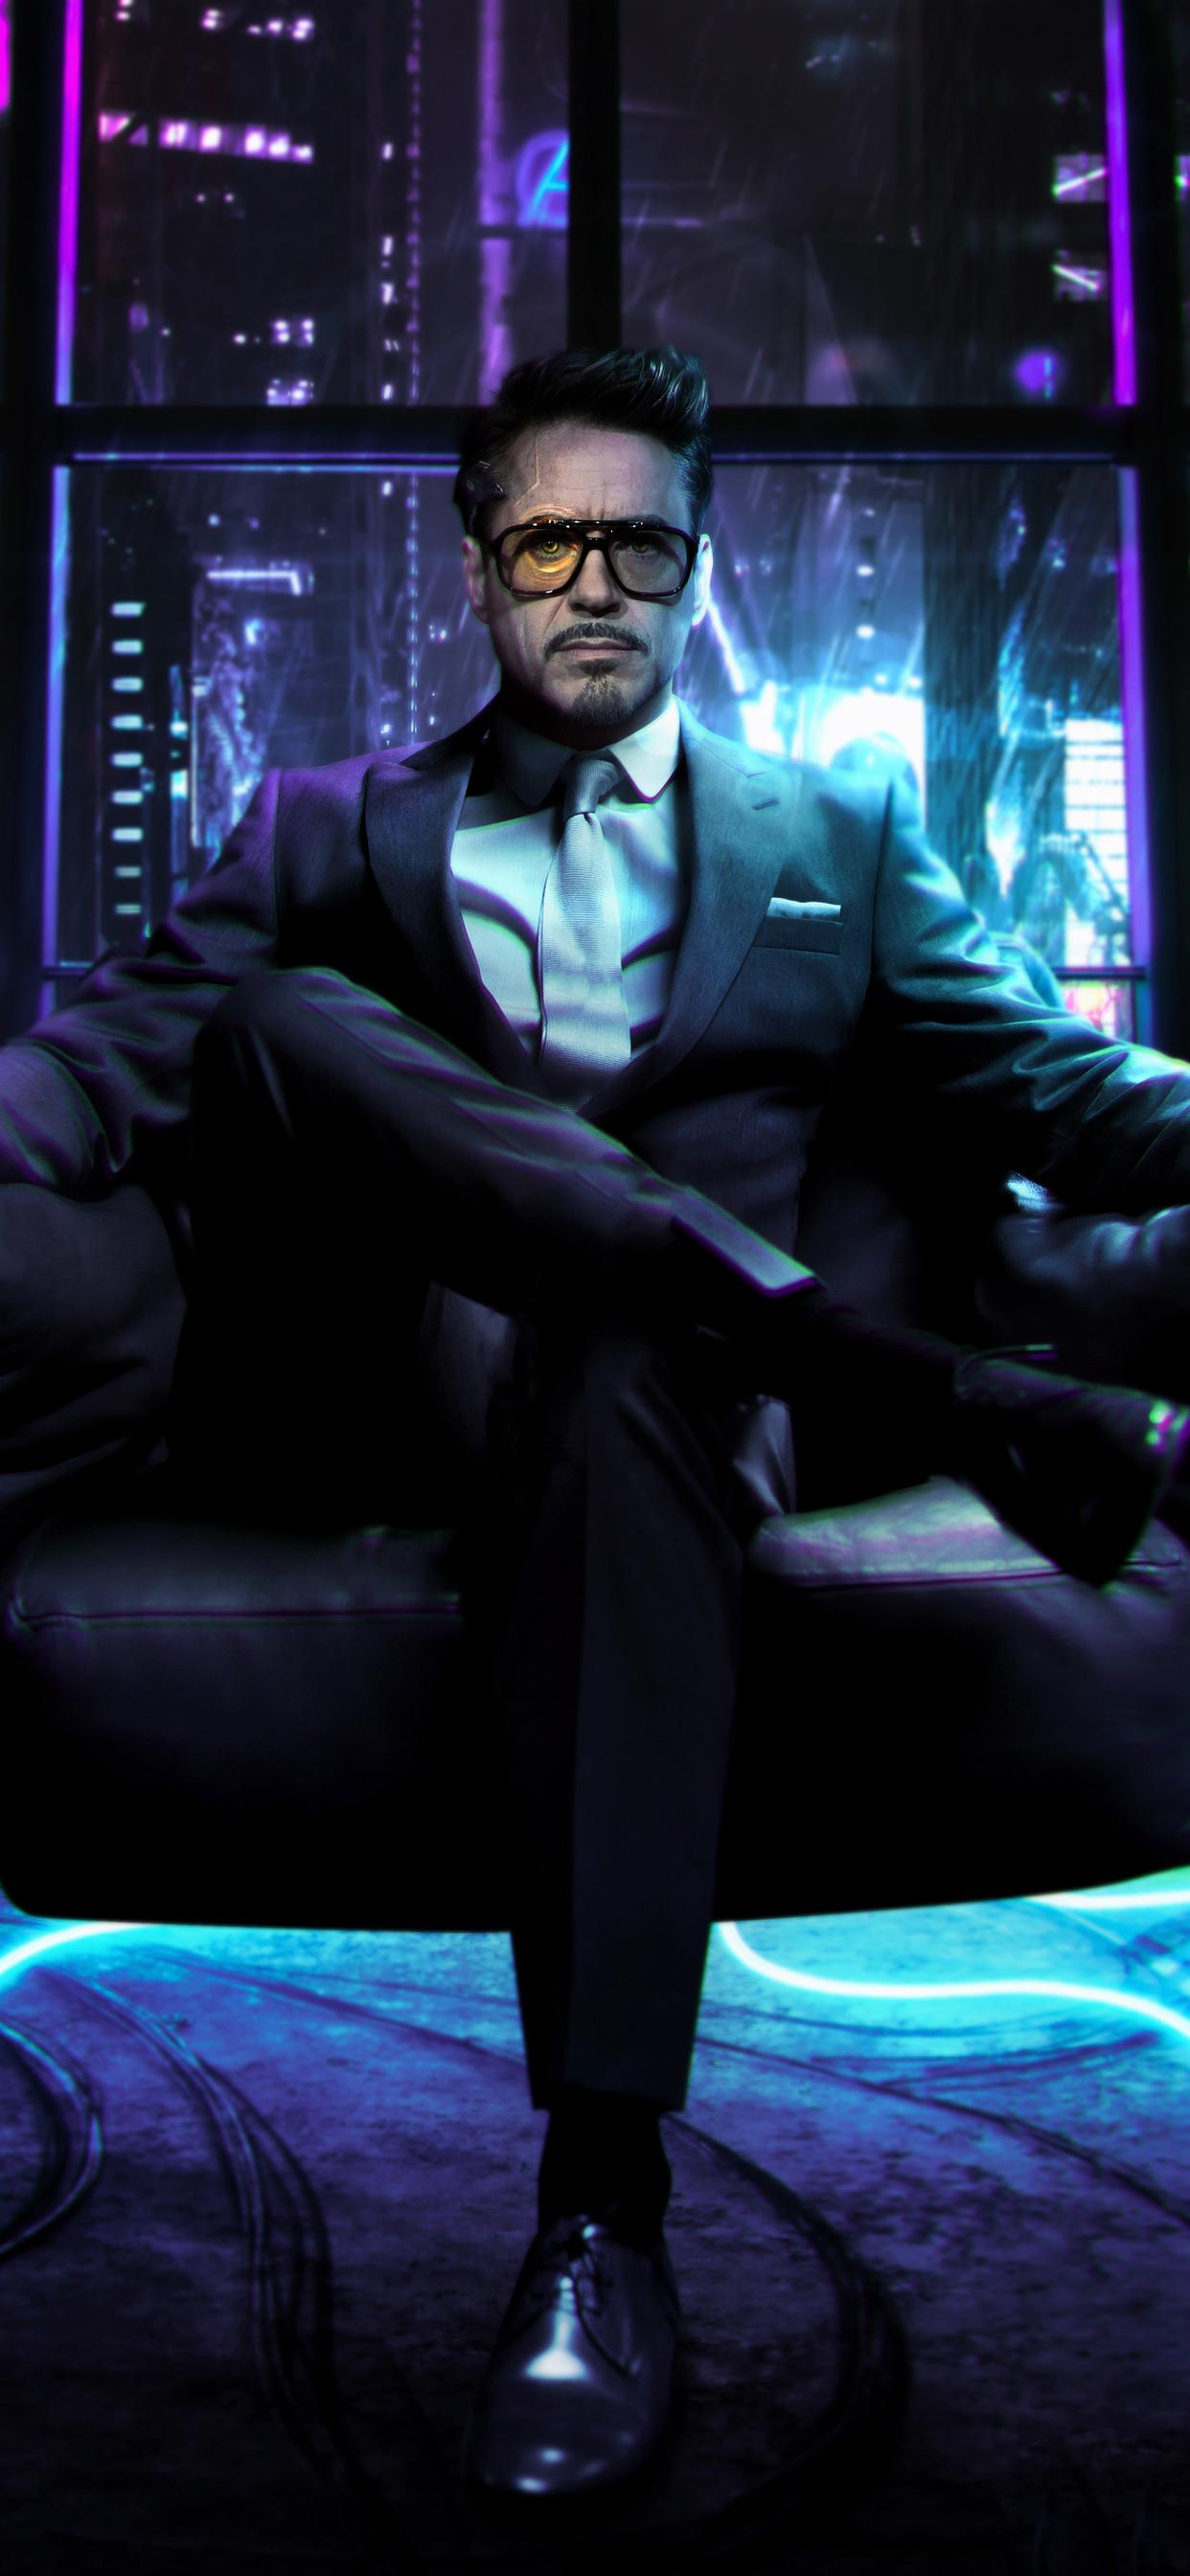 1242x2688 Cyberpunk 2077 Tony Stark Iphone Xs Max Hd 4k